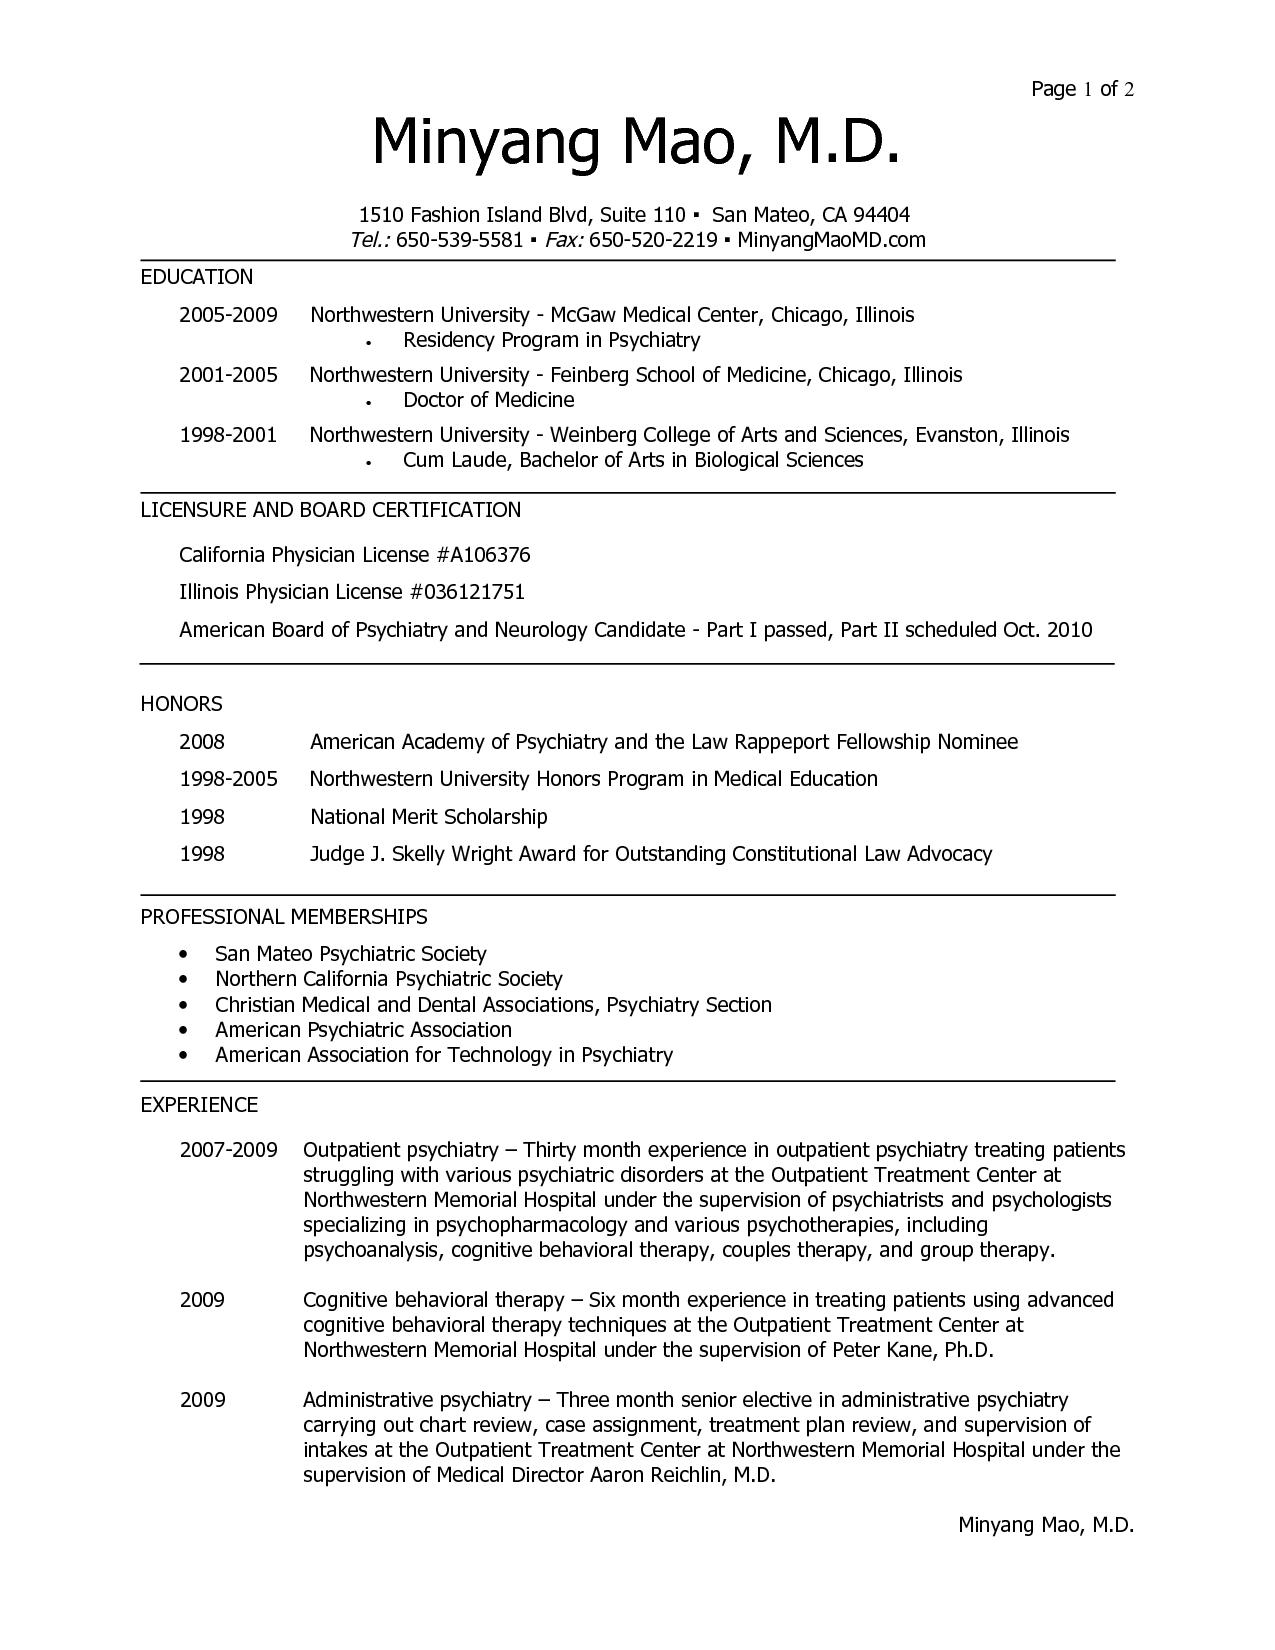 Cv Template For Residency